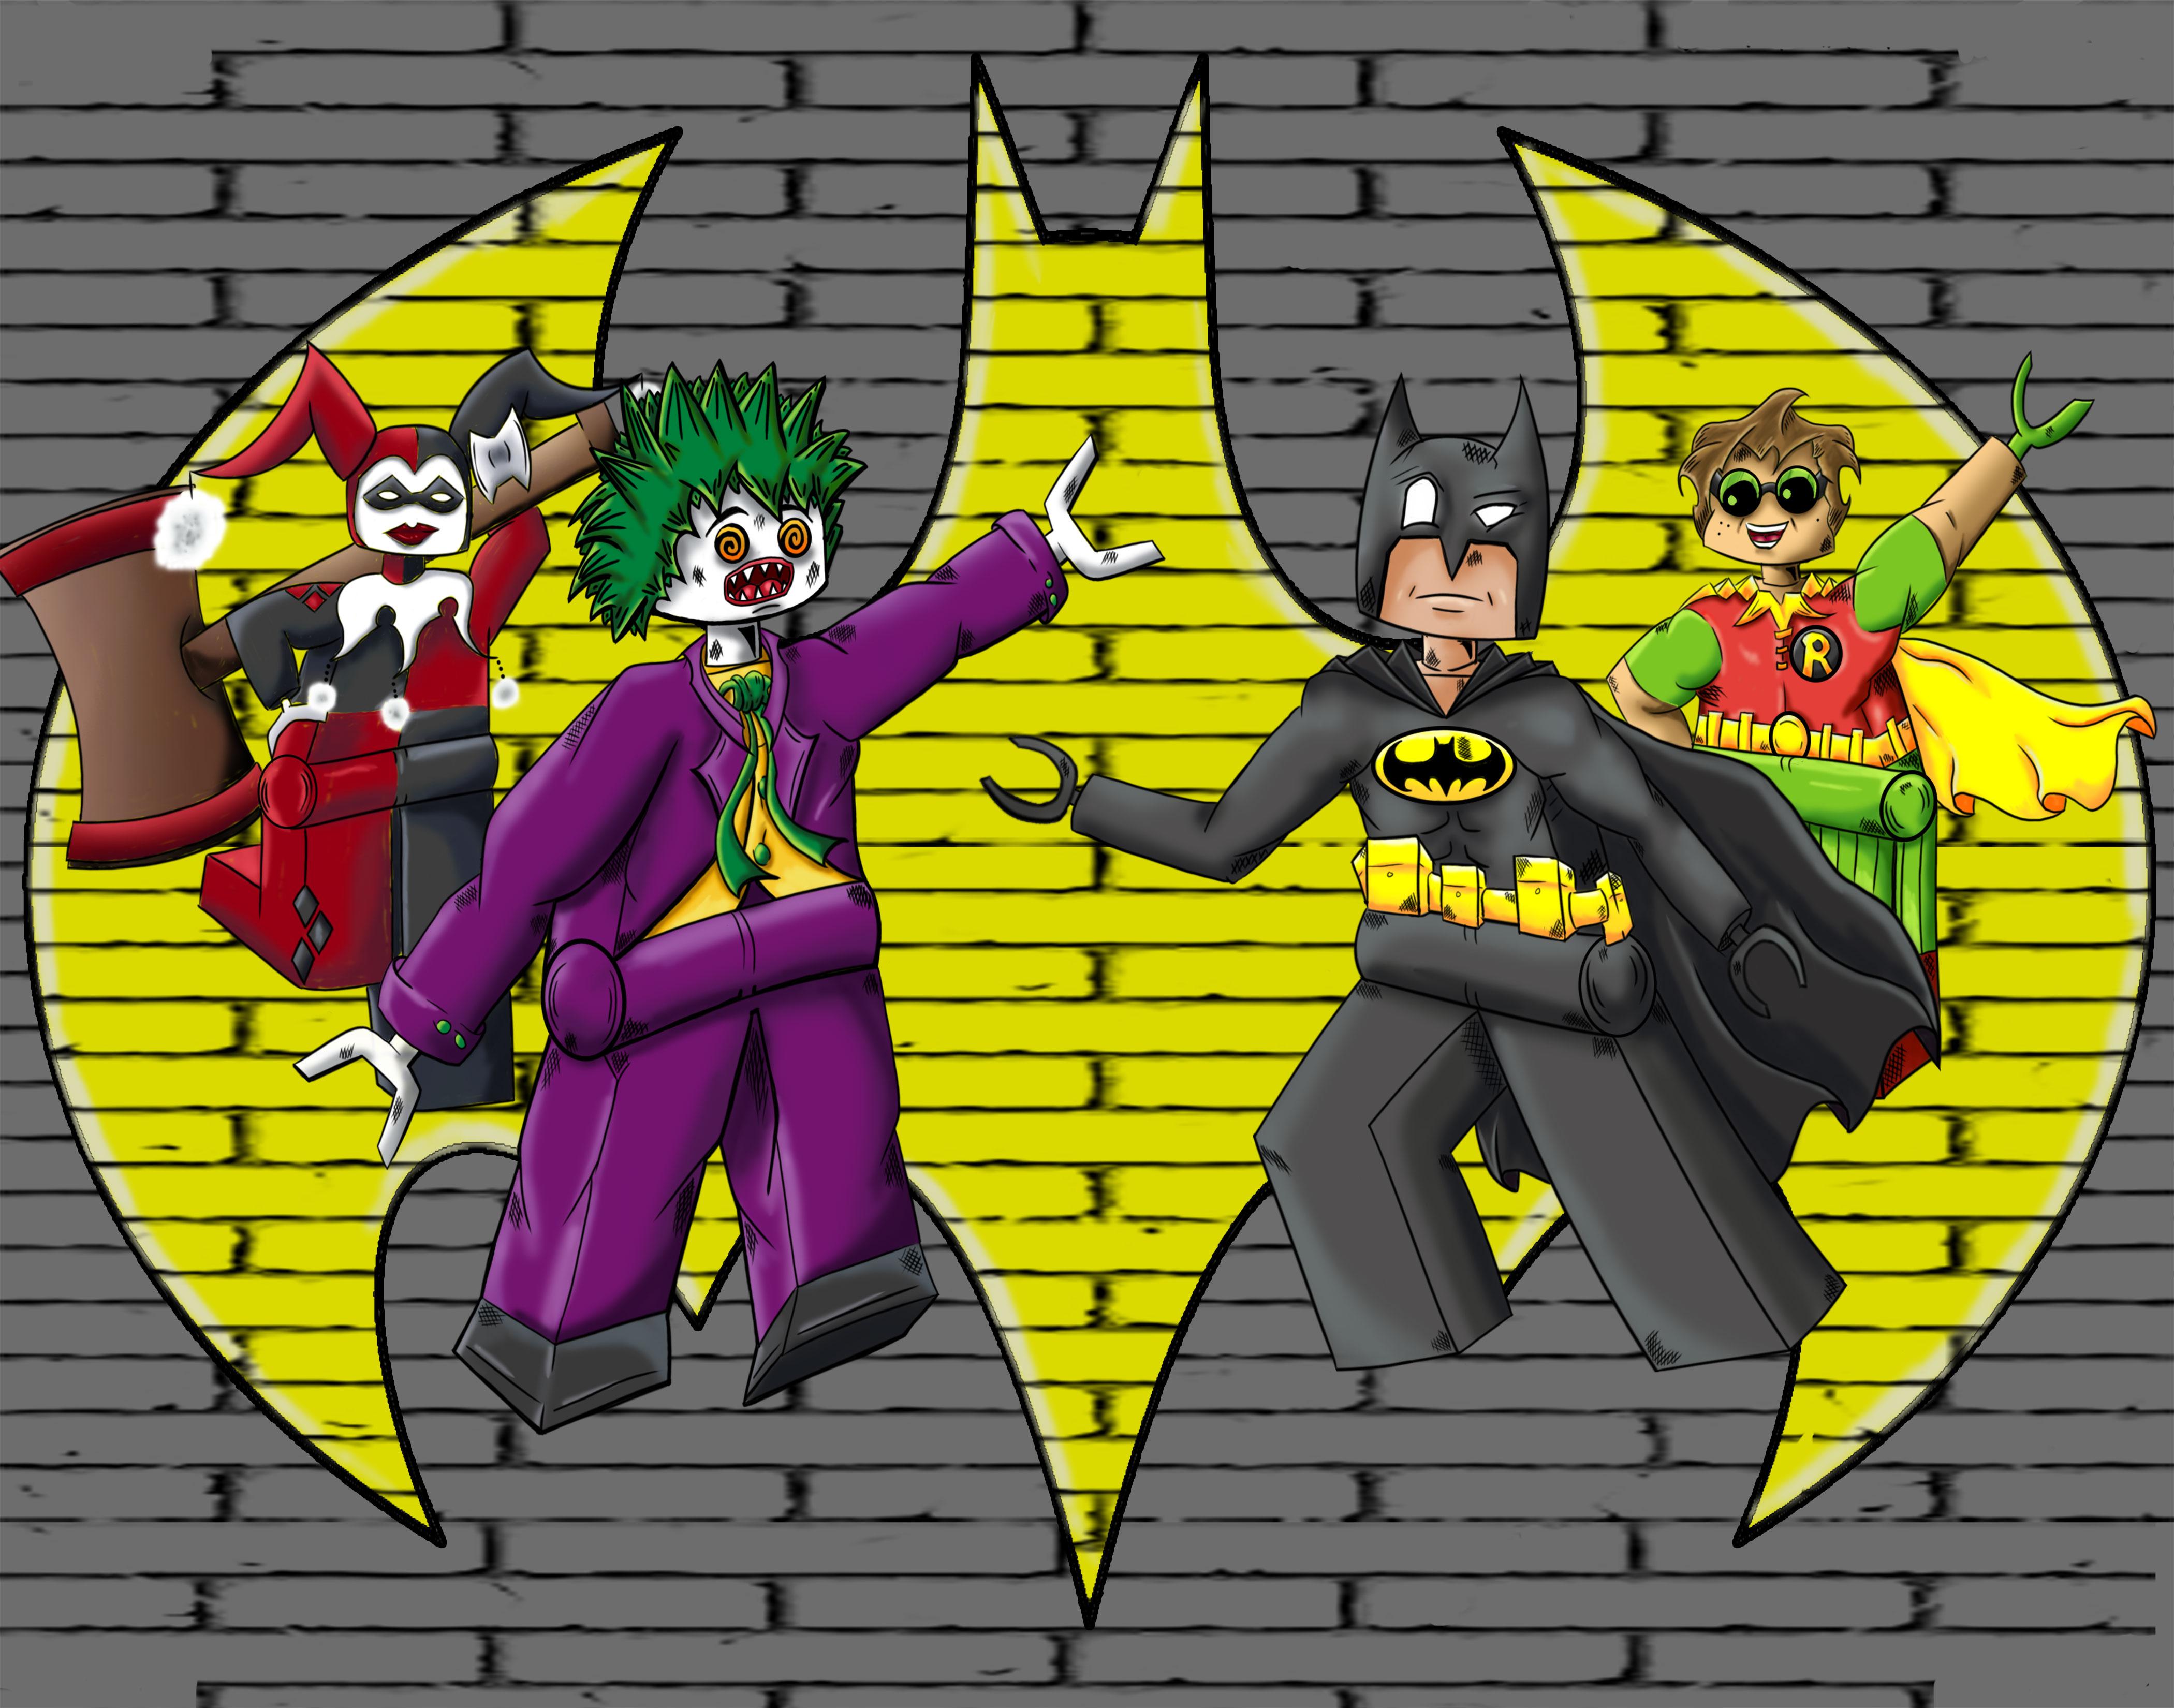 Lego Batman by CAStudioz on Newgrounds